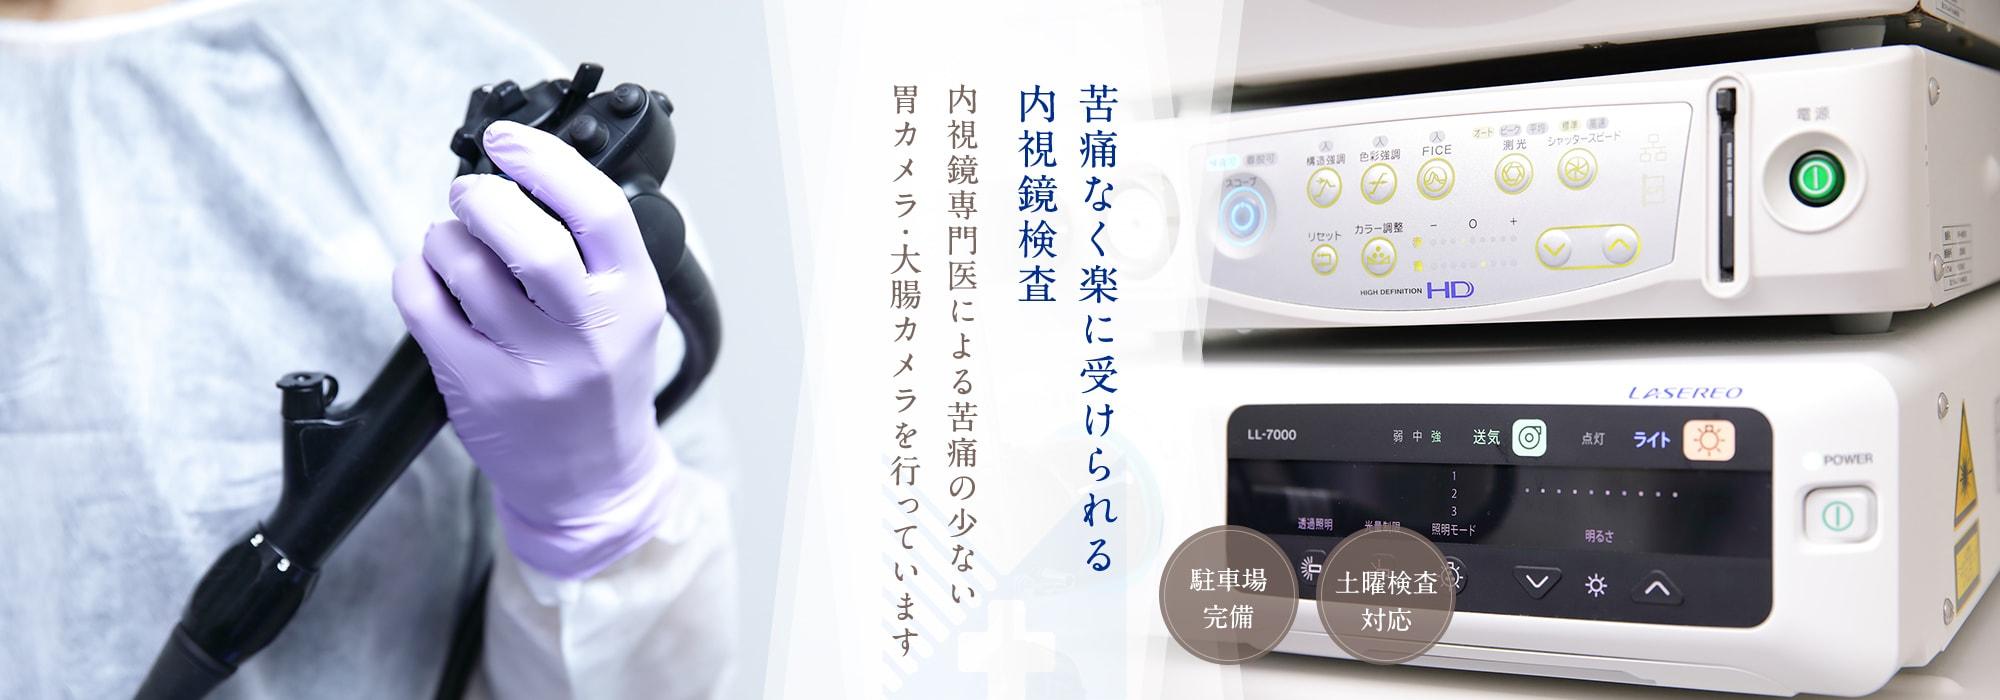 苦痛なく楽に受けられる内視鏡検査。内視鏡専門医による苦痛の少ない胃カメラ・大腸カメラを行っています